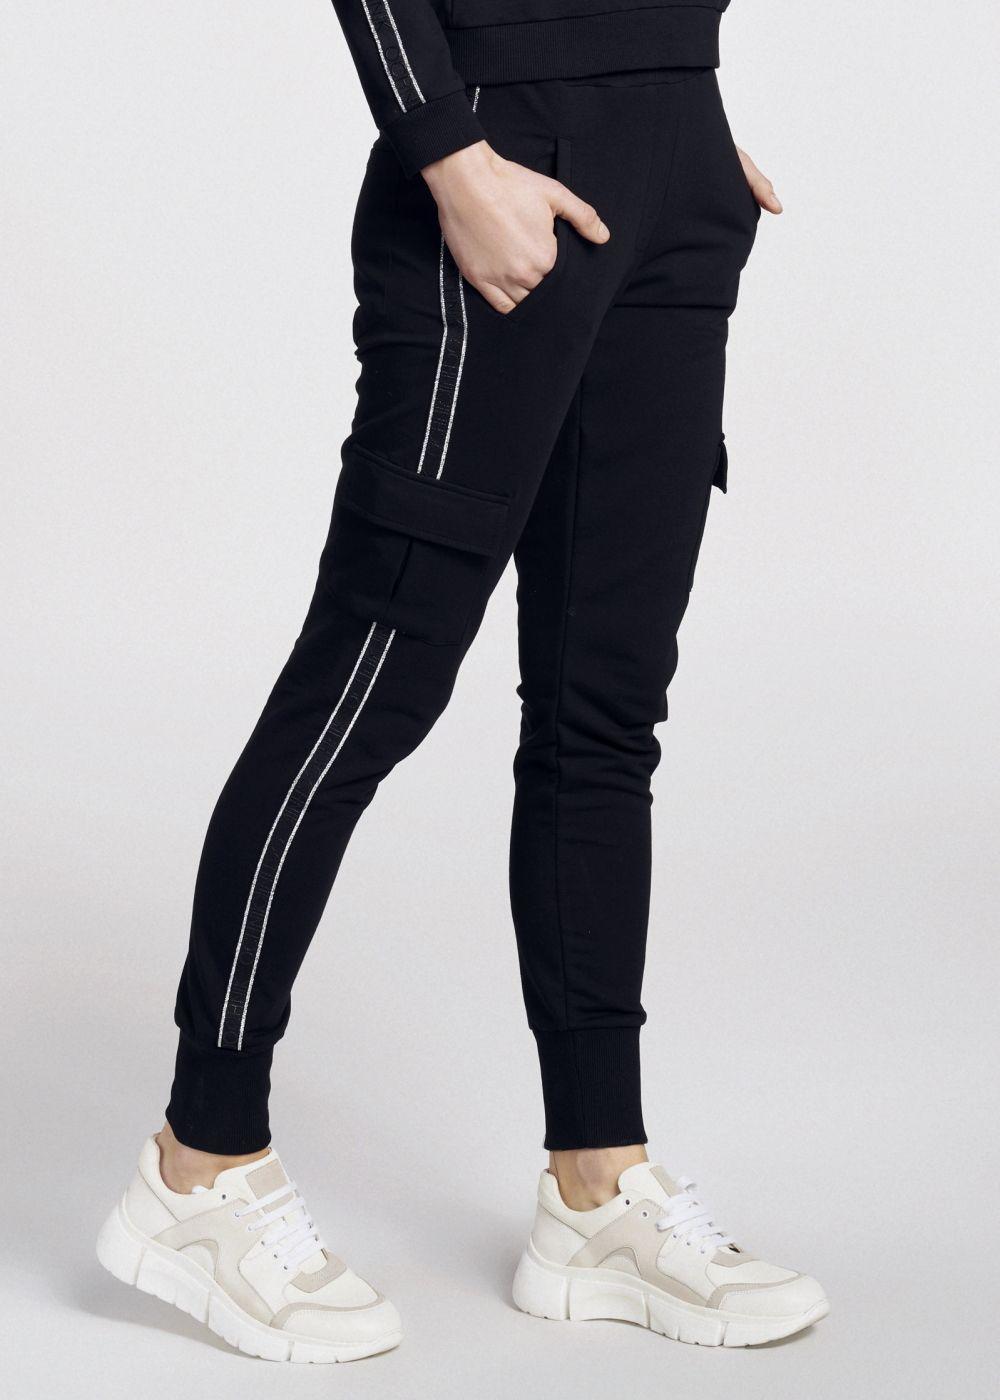 Spodnie damskie SPODT-0059-99(W21)